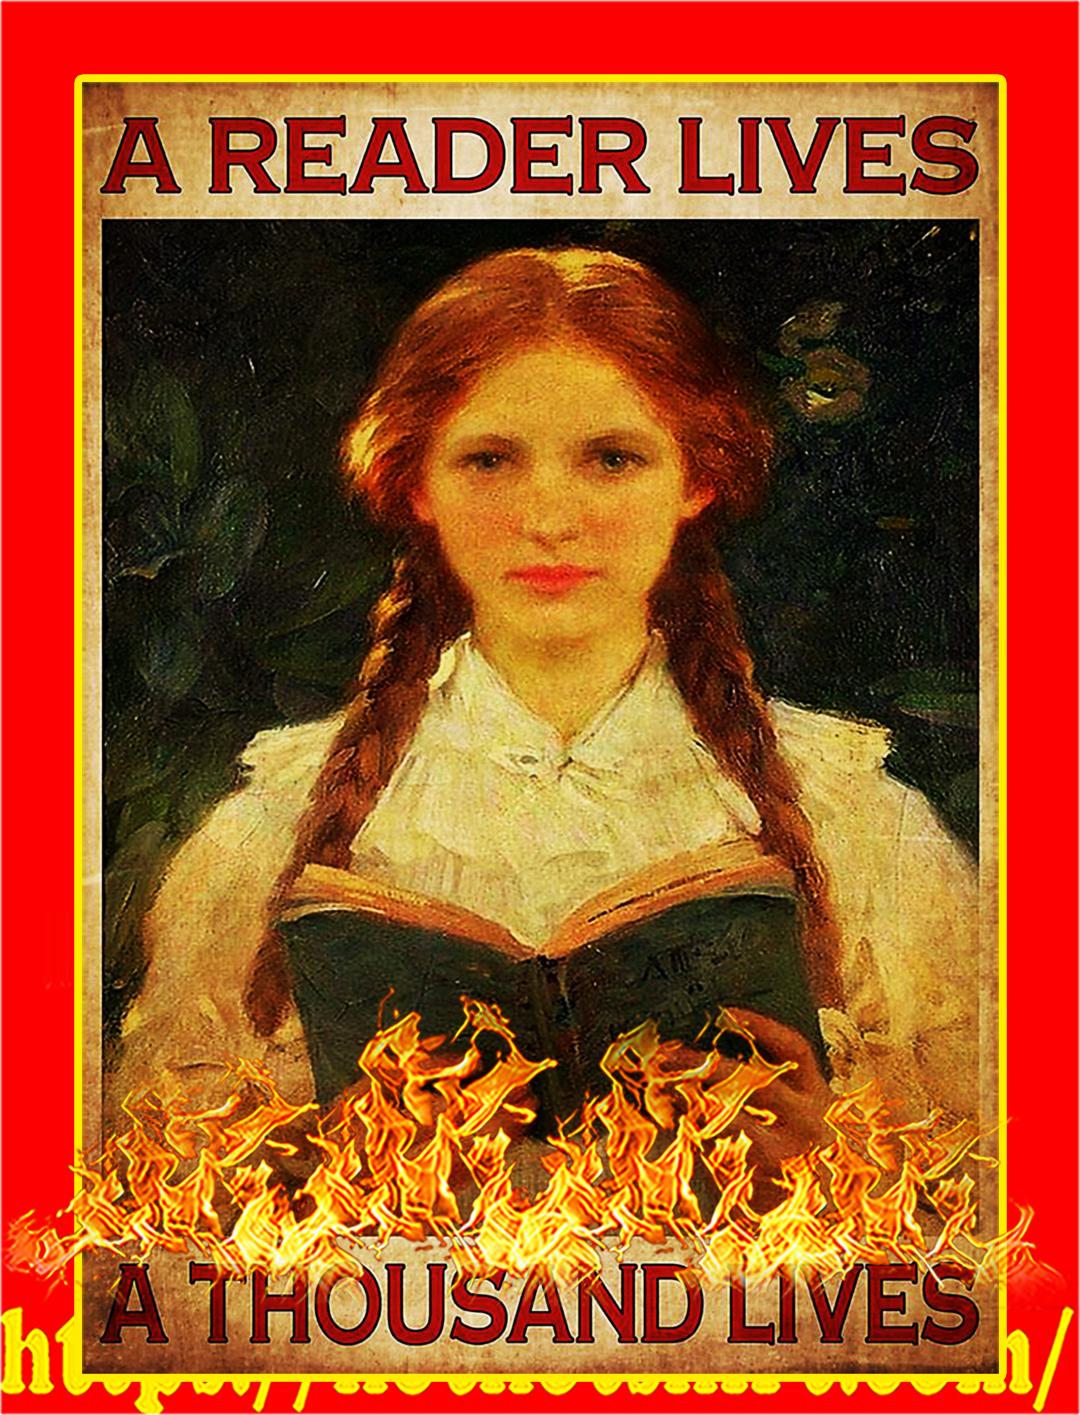 A reader lives a thousand lives poster - A1